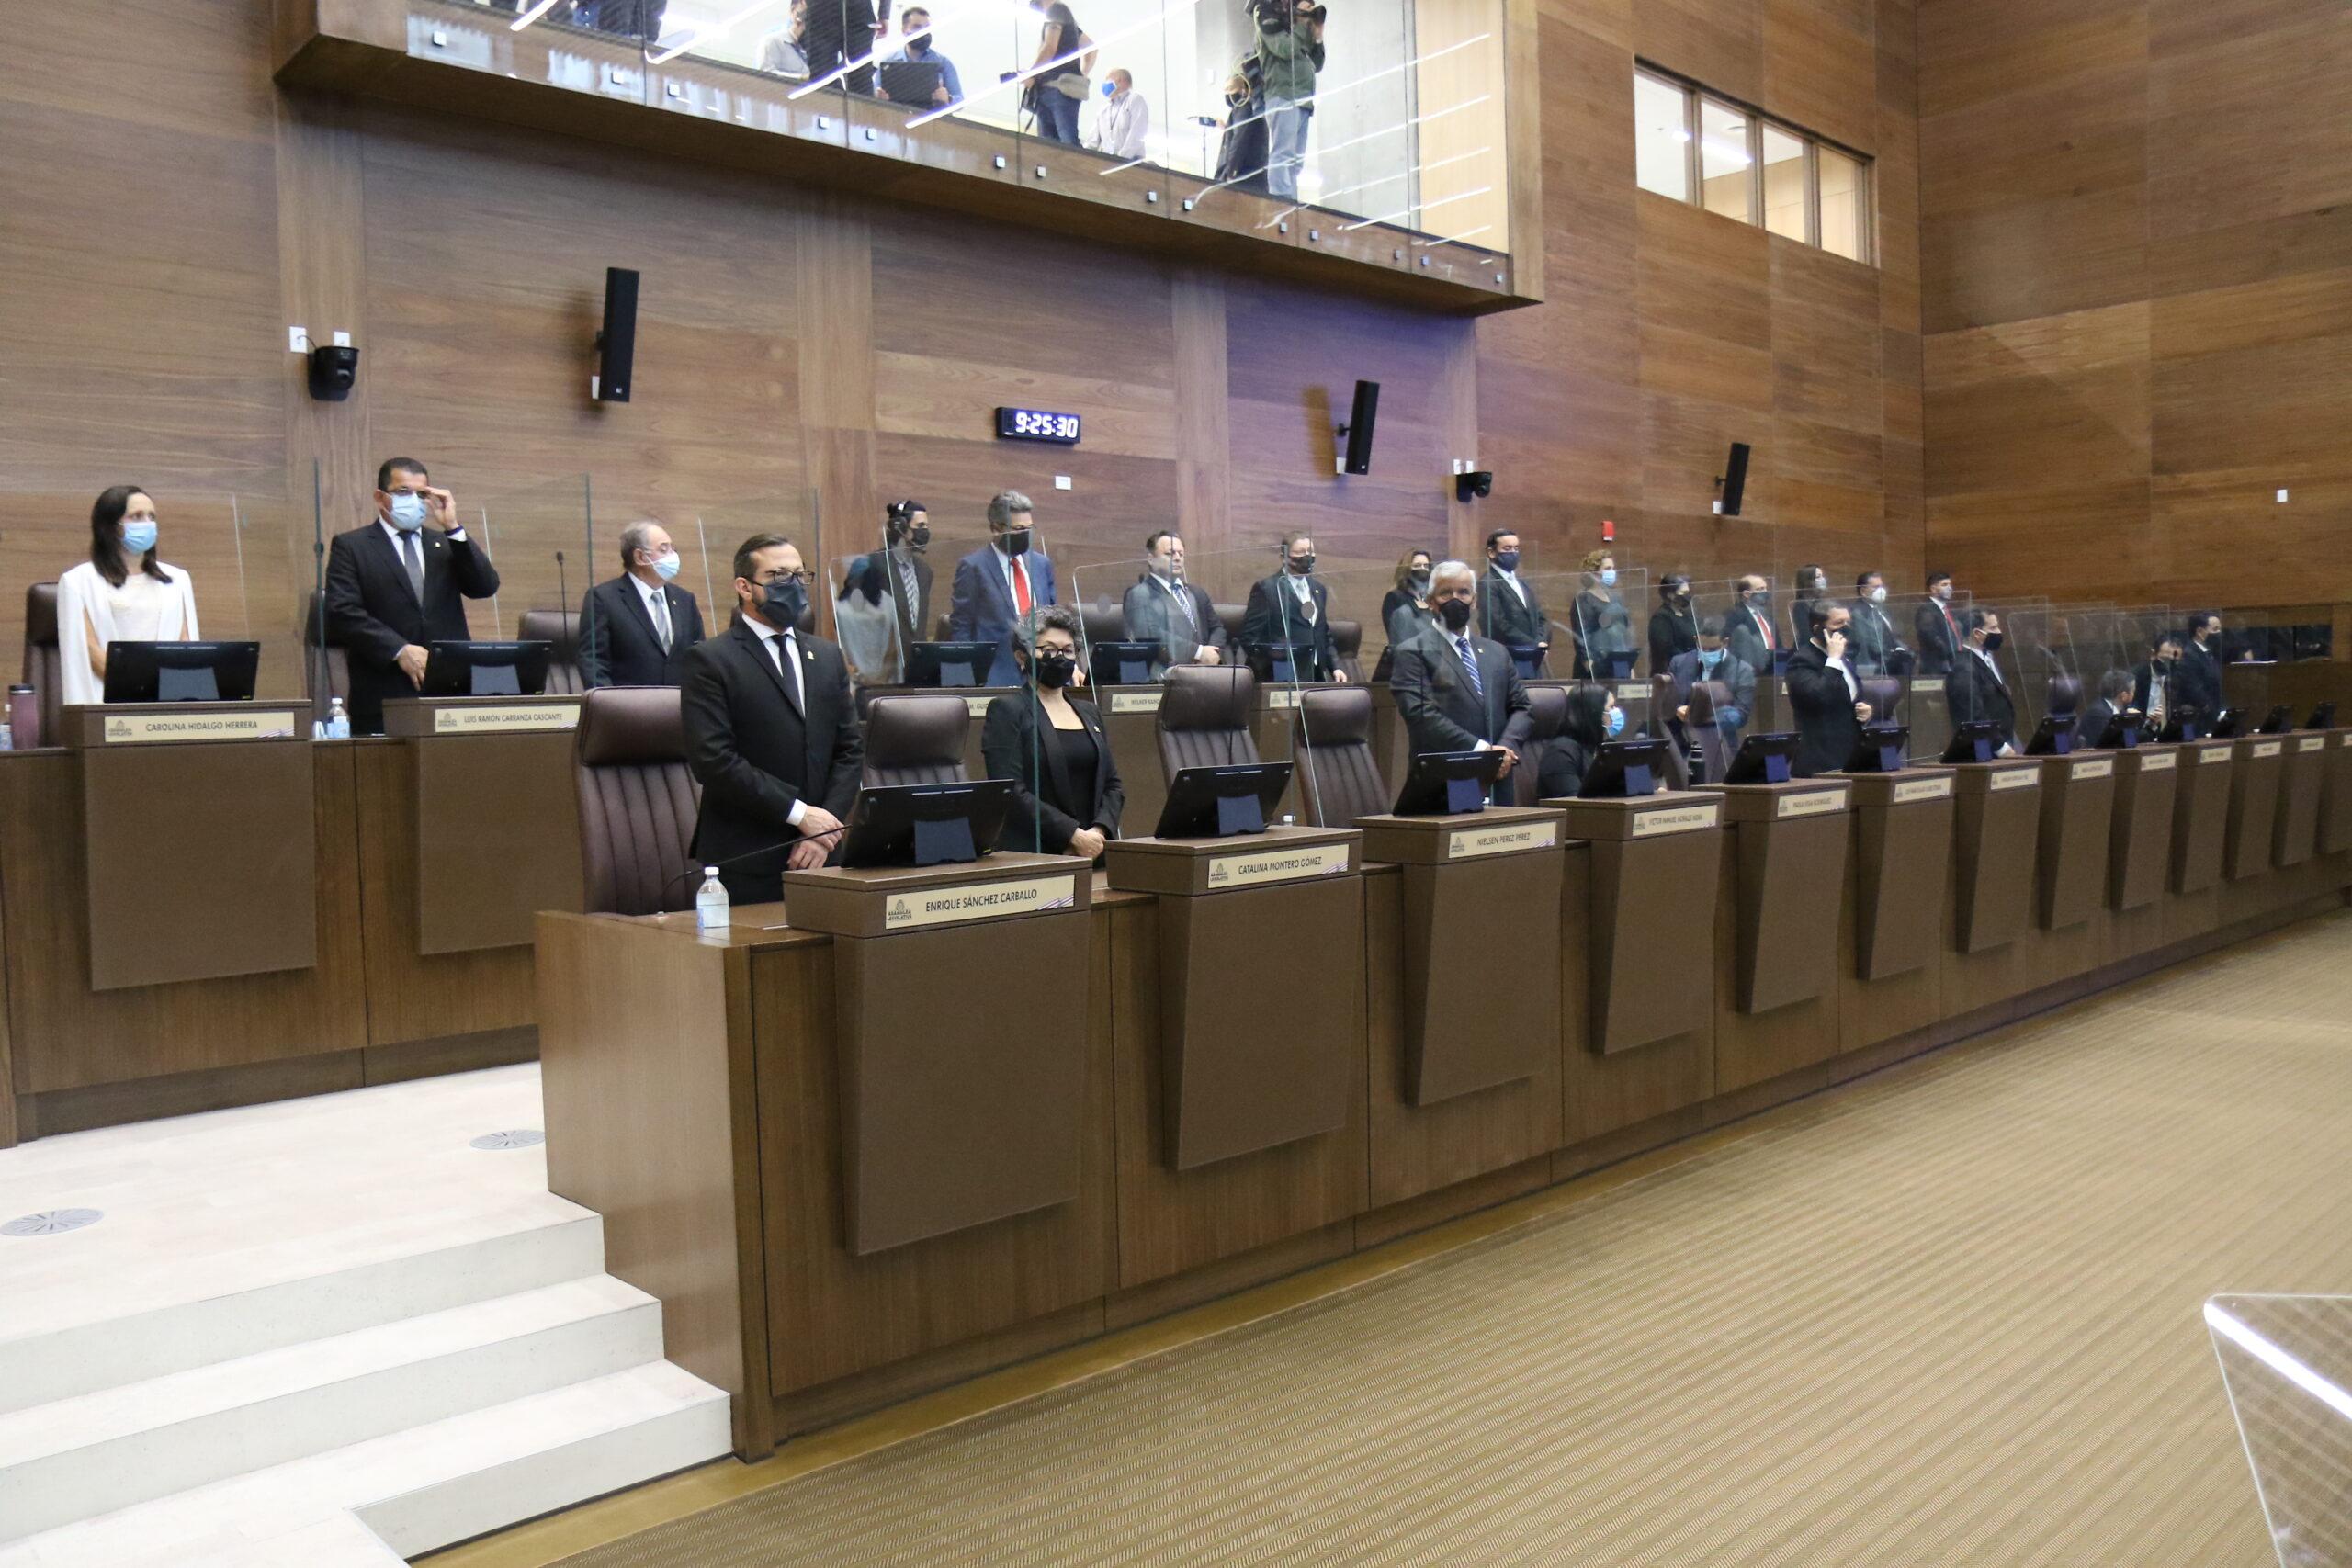 diputados-colmaron-ley-de-empleo-publico-con-352-mociones